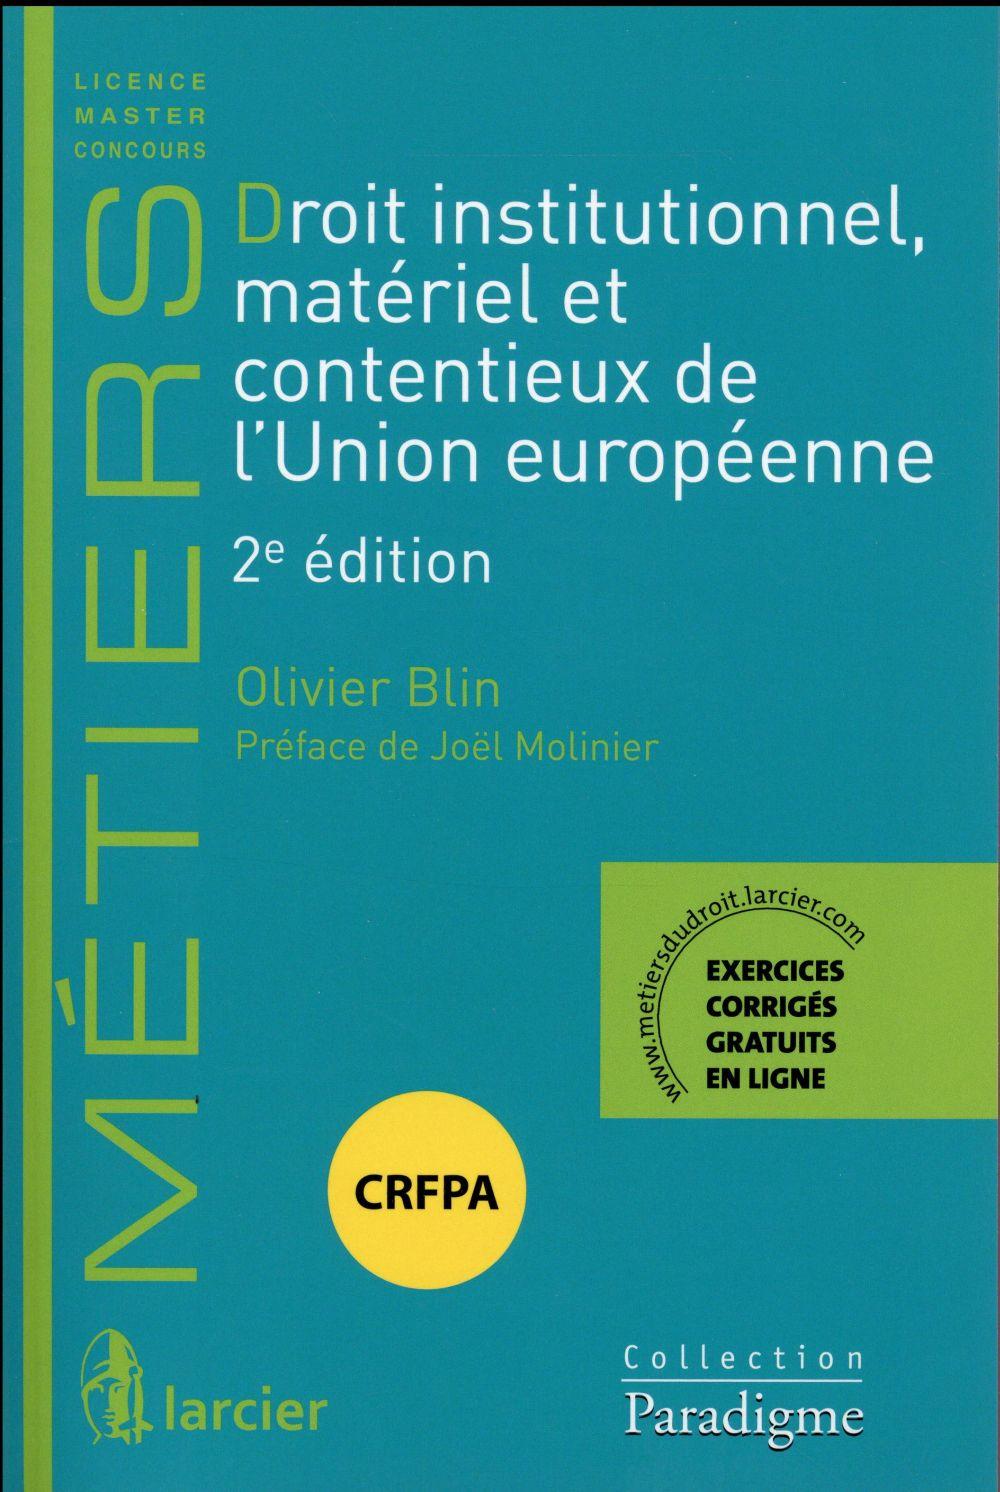 DROIT INSTITUTIONNEL, MATERIEL ET CONTENTIEUX DE L'UNION EUROPEENNE